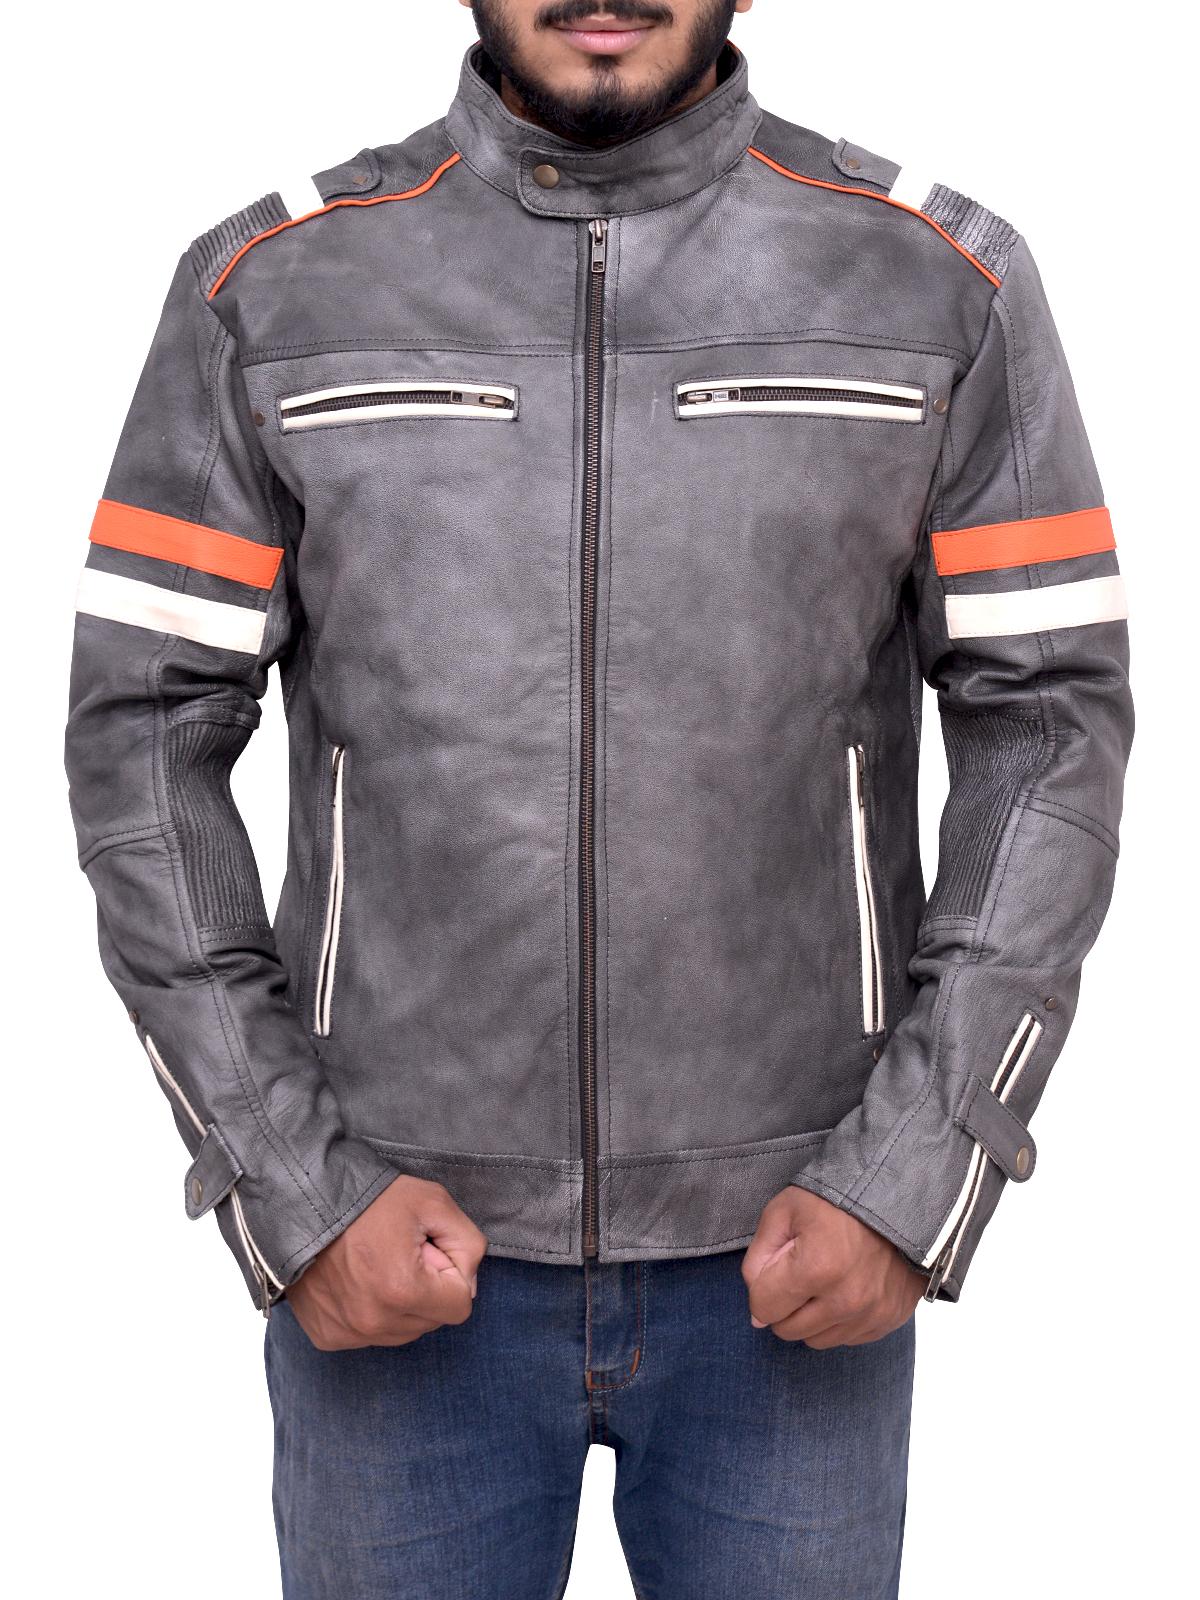 Men/'s Biker Vintage Motorcycle Cafe Racer Retro Distressed Leather Jacket